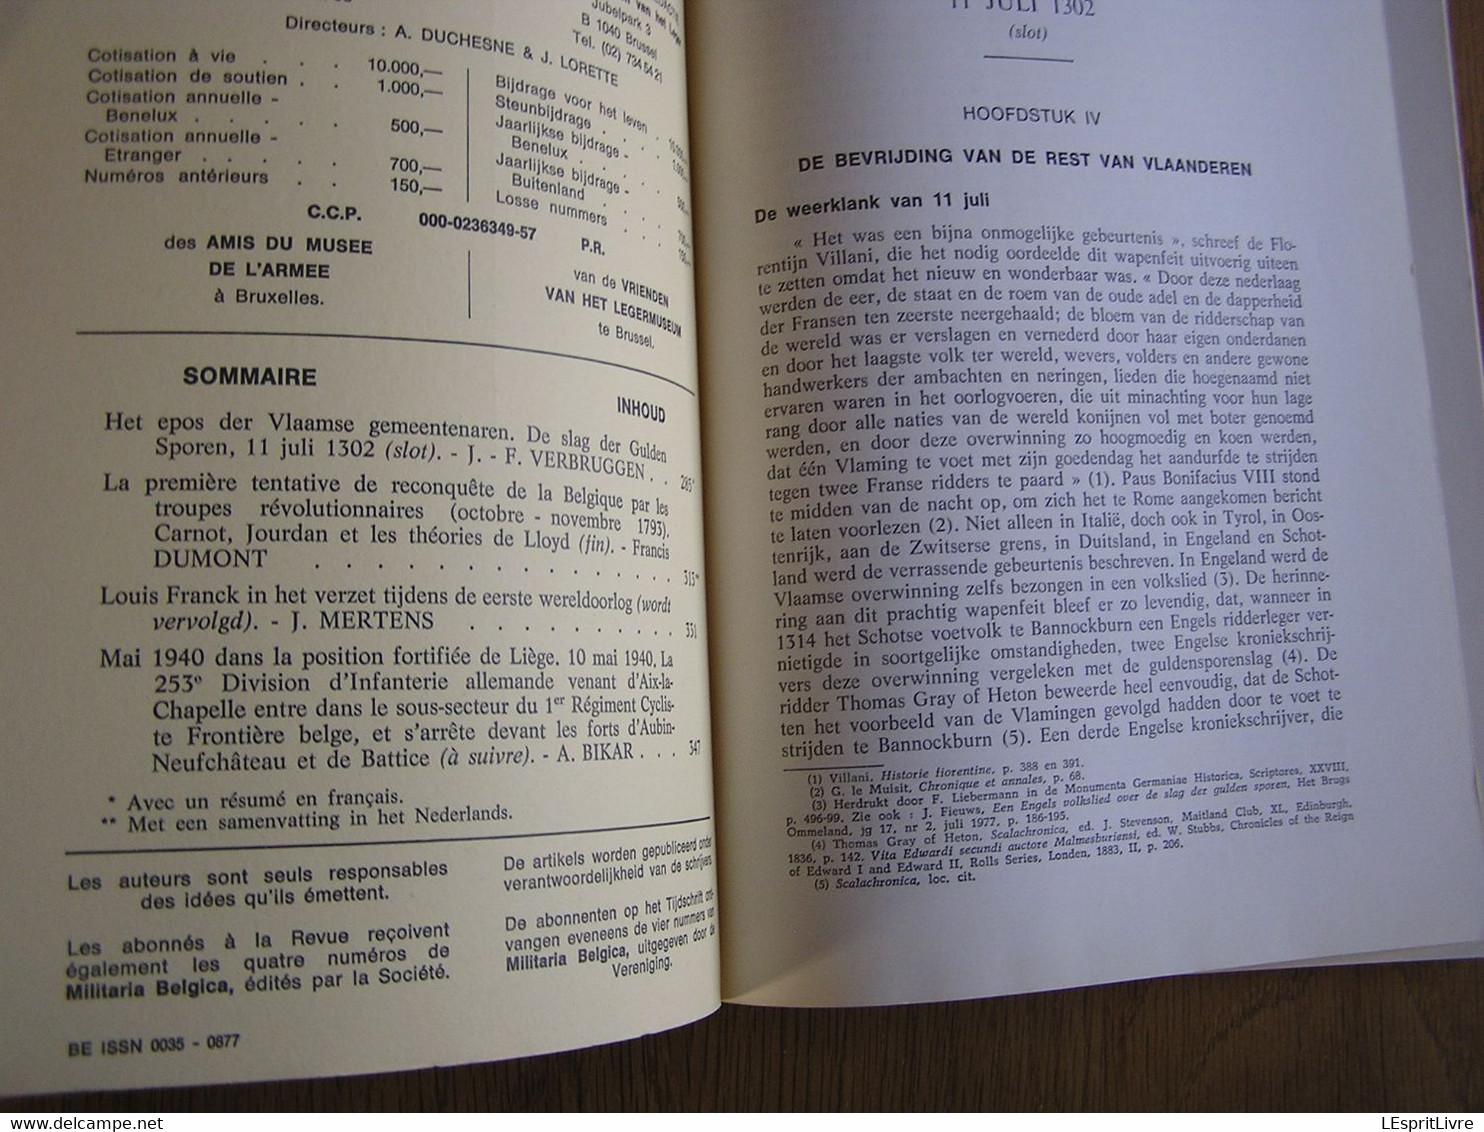 REVUE BELGE D' HISTOIRE MILITAIRE XXII 4 Carnot Beaumont Guerre 40 45 PFL Mai 40 253 Infanterie Moresnet Calamine Eupen - Oorlog 1939-45